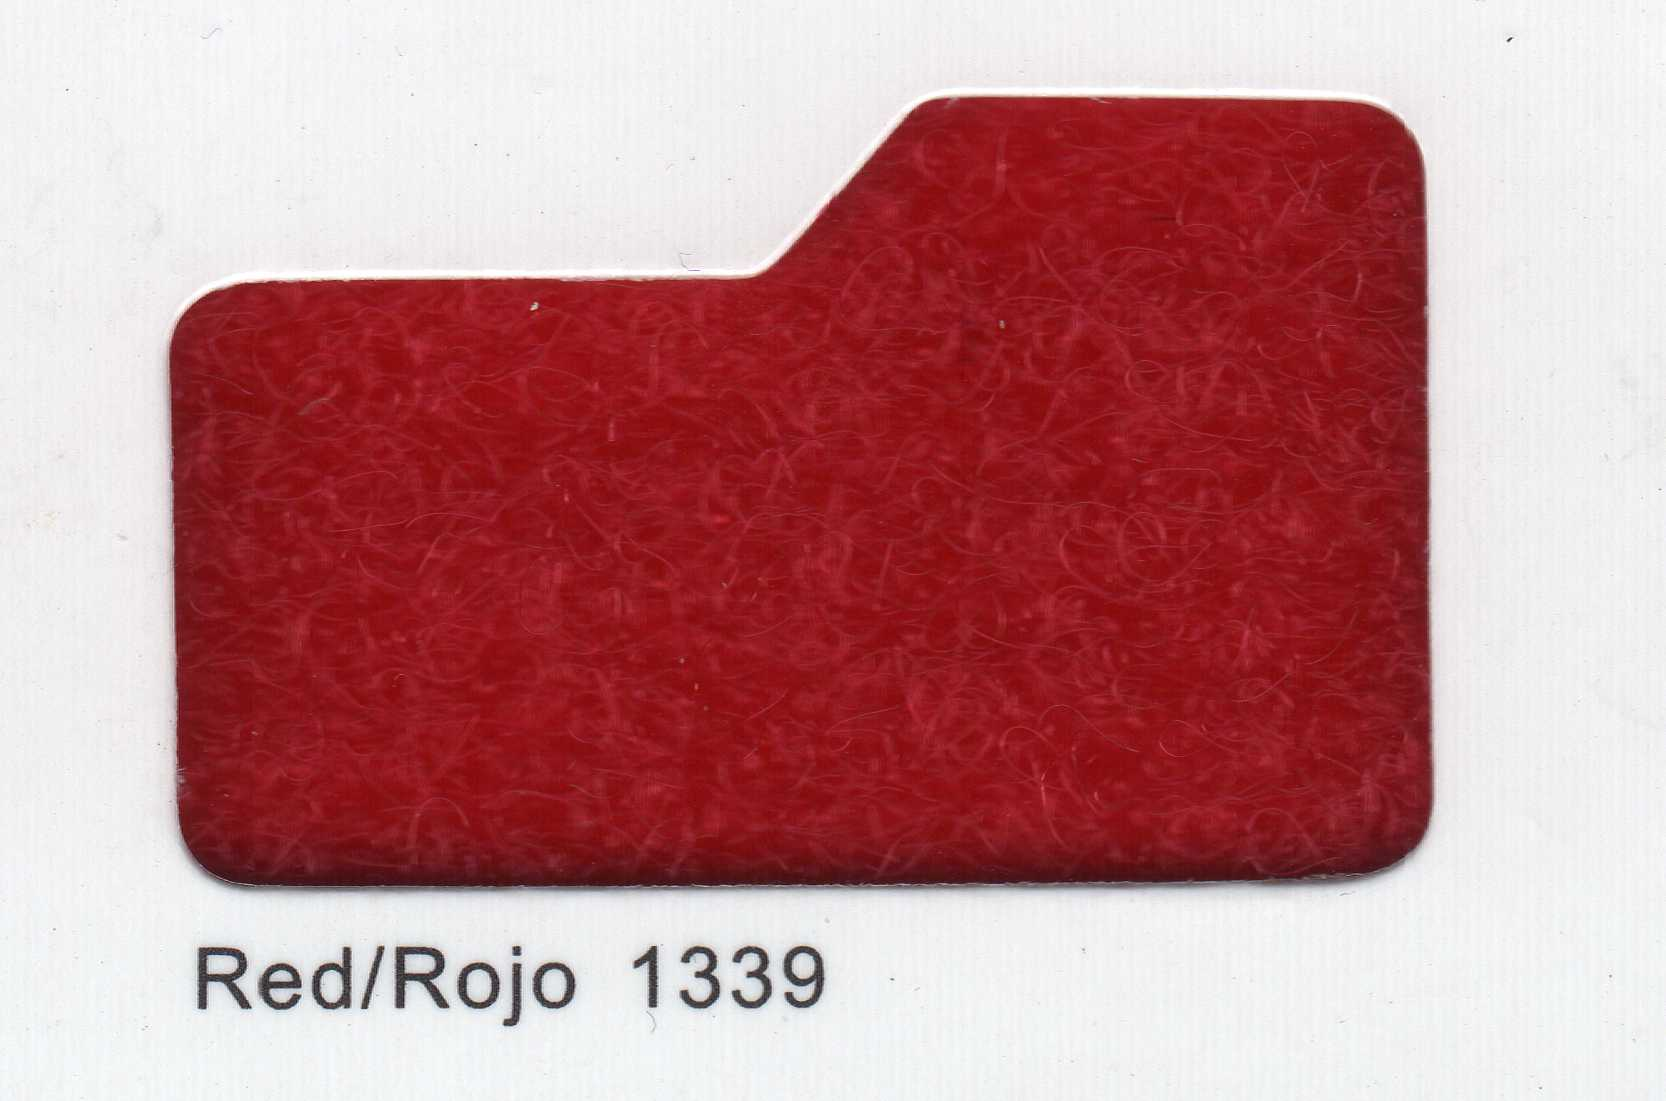 Cinta de cierre Velcro-Veraco 50mm Rojo 1339 (Gancho).